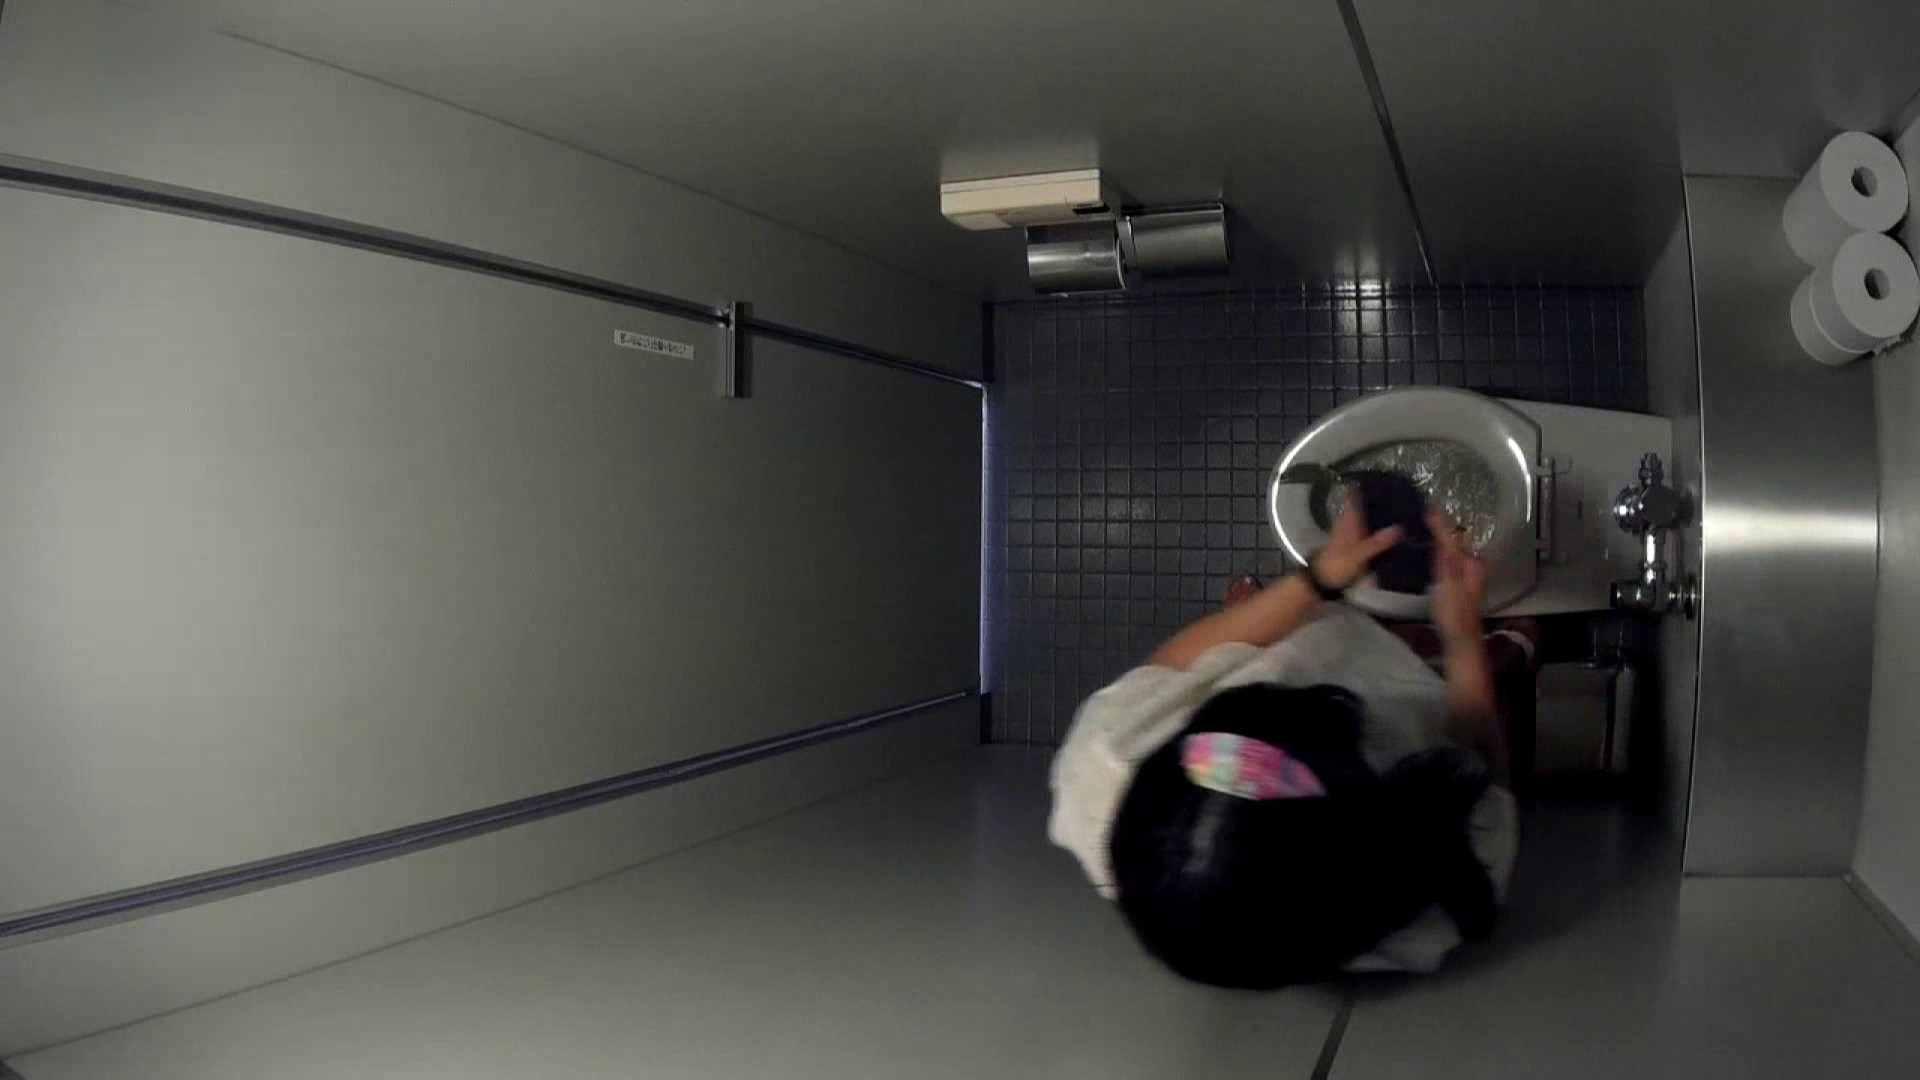 有名大学女性洗面所 vol.45 冴え渡る多方向撮影!職人技です。 潜入 エロ無料画像 88枚 22